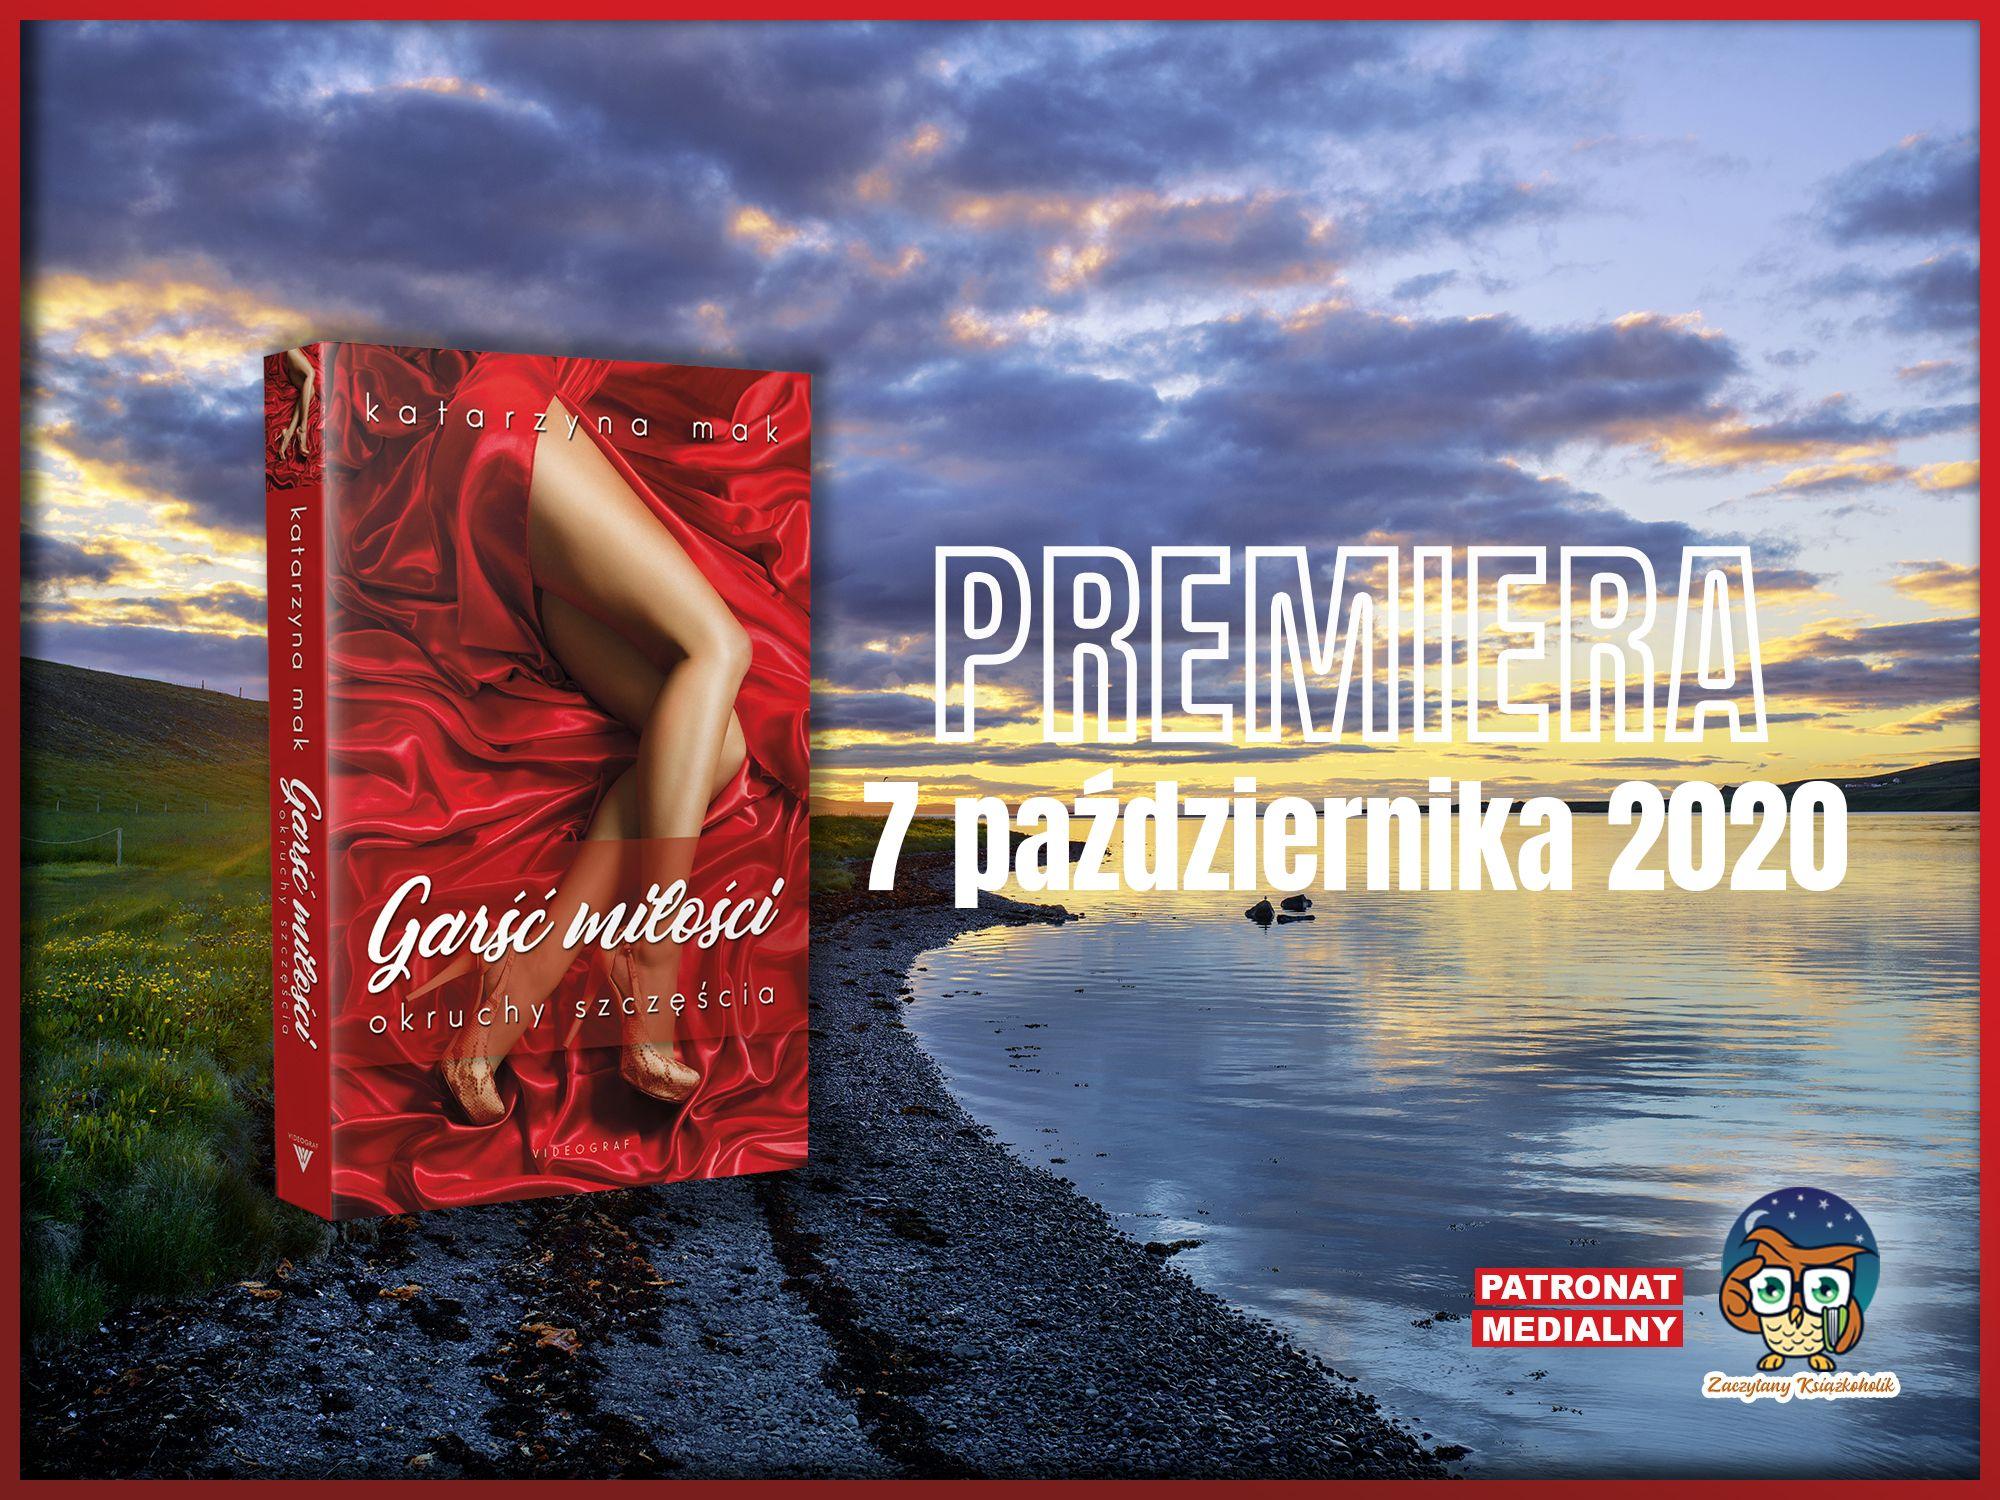 Garść miłości, Katarzyna Mak, zaczytanyksiazkoholik.pl